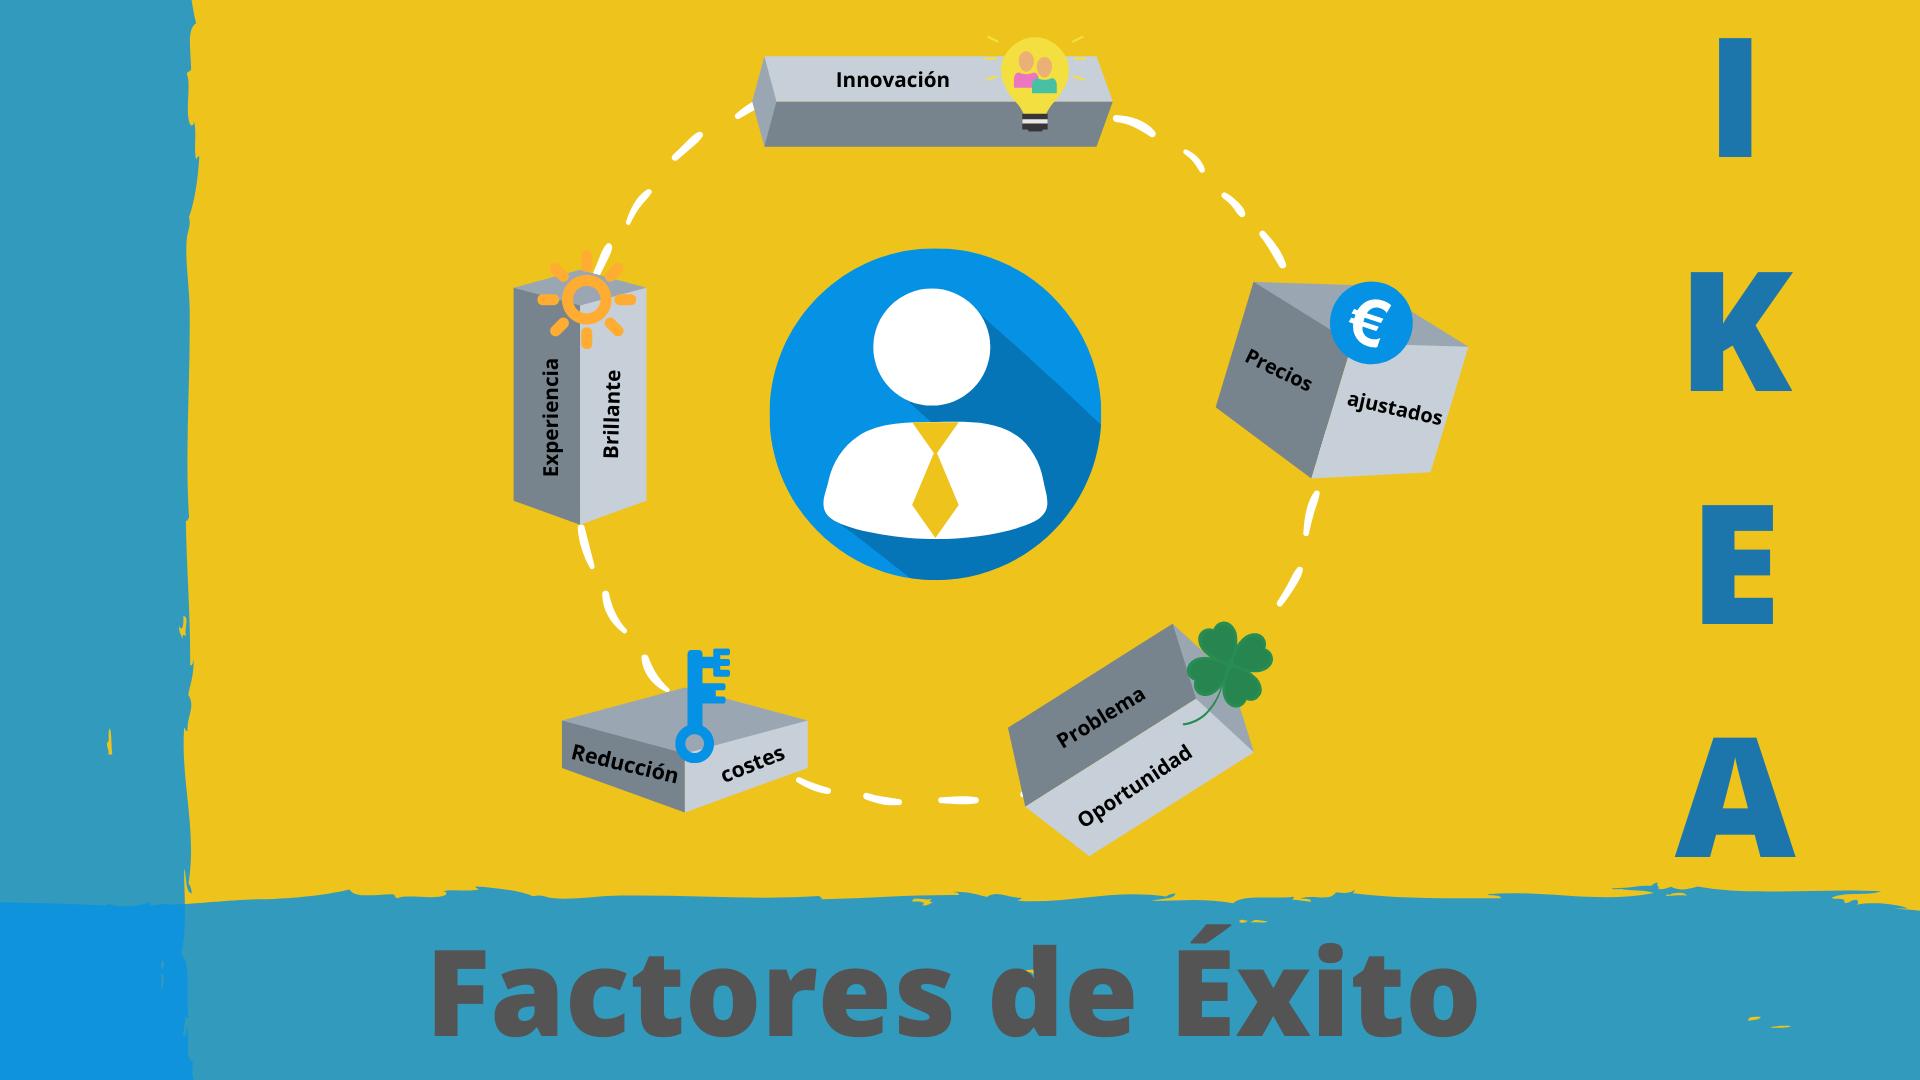 5 Factores de Éxito IKEA